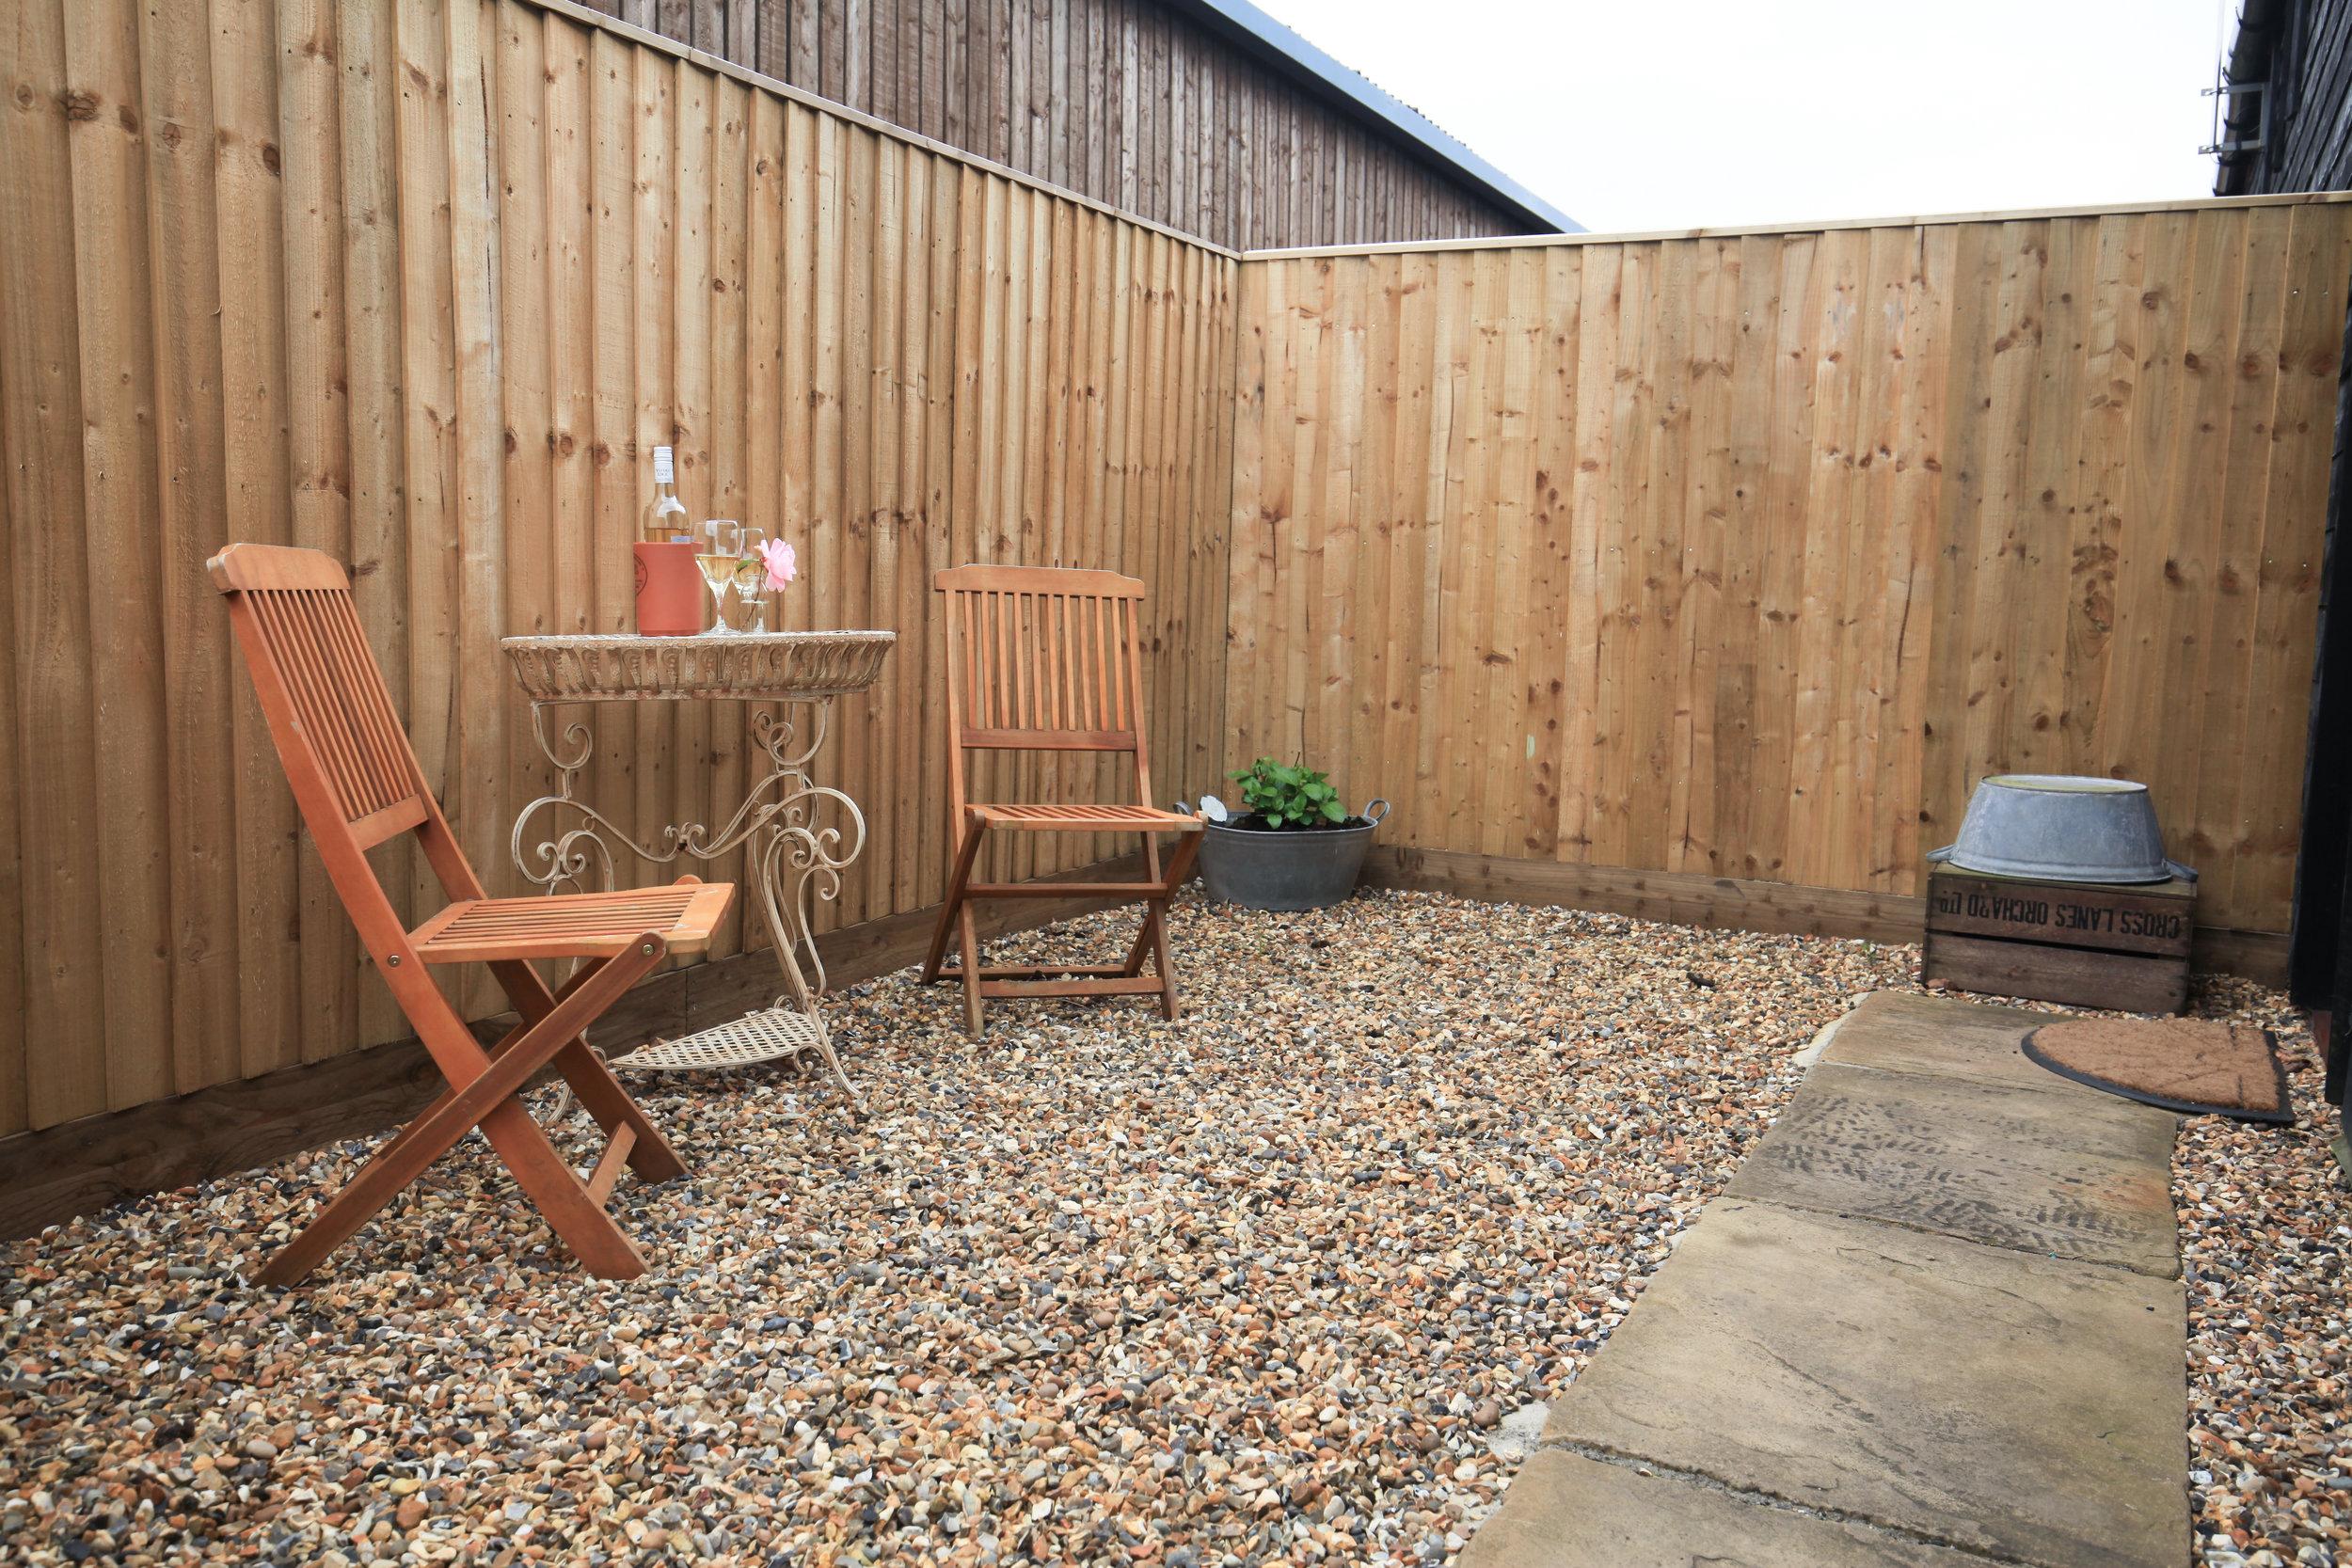 The Hayloft - garden area.jpg